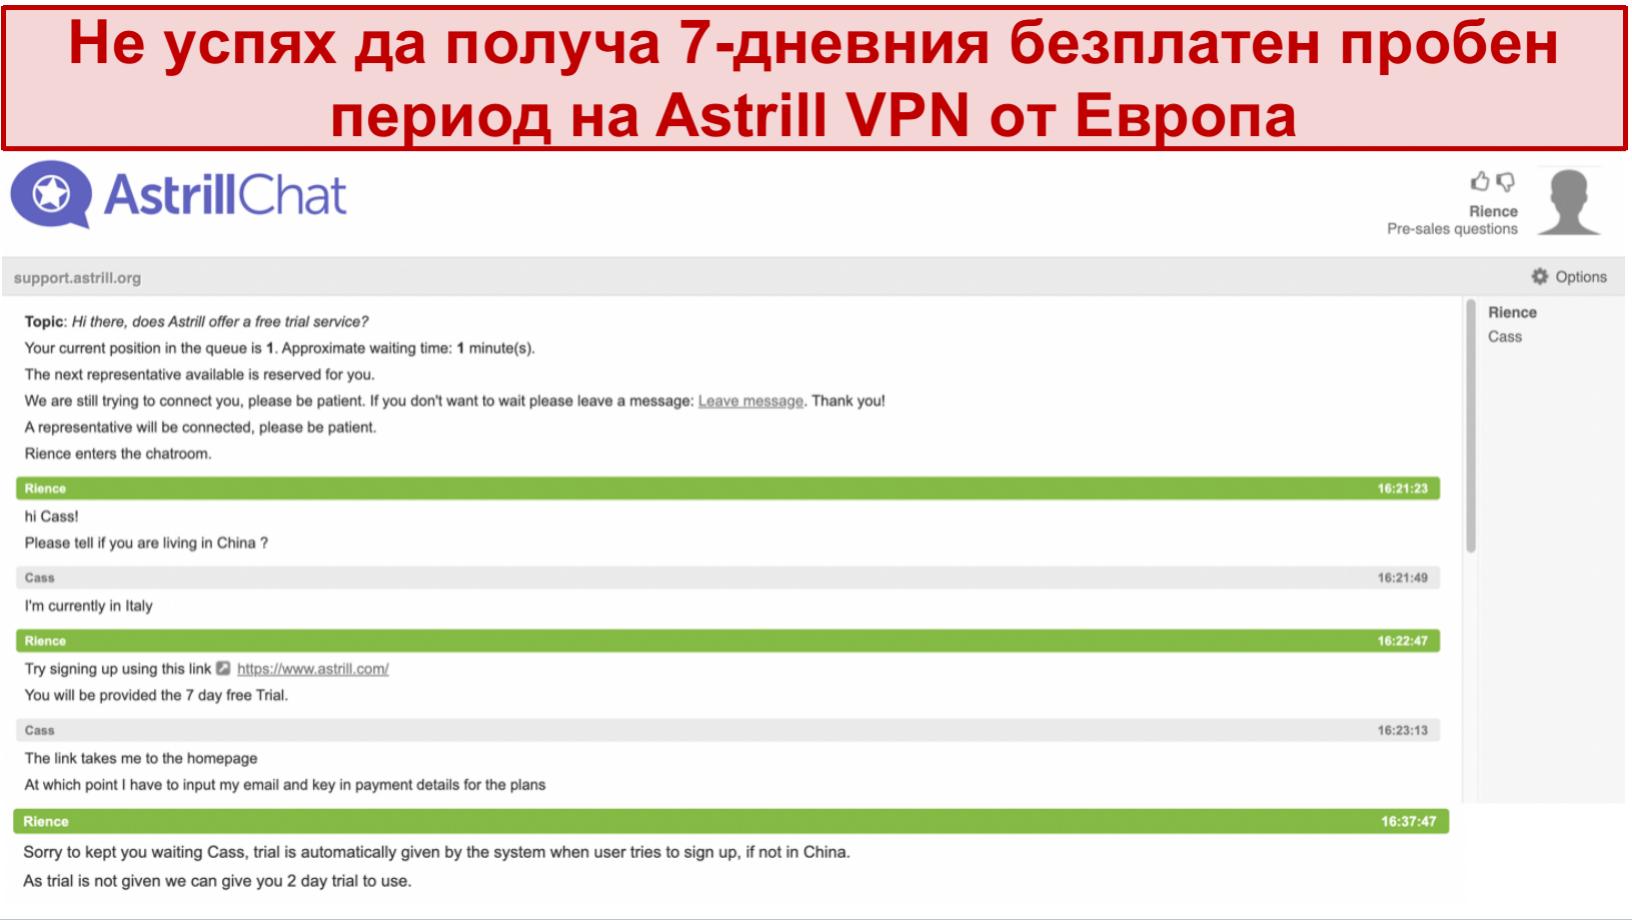 екранна снимка на разговор с екипа за поддръжка на Astrill VPN, където не се дава 7-дневен безплатен пробен период, дори ако потребителят е базиран в Европа